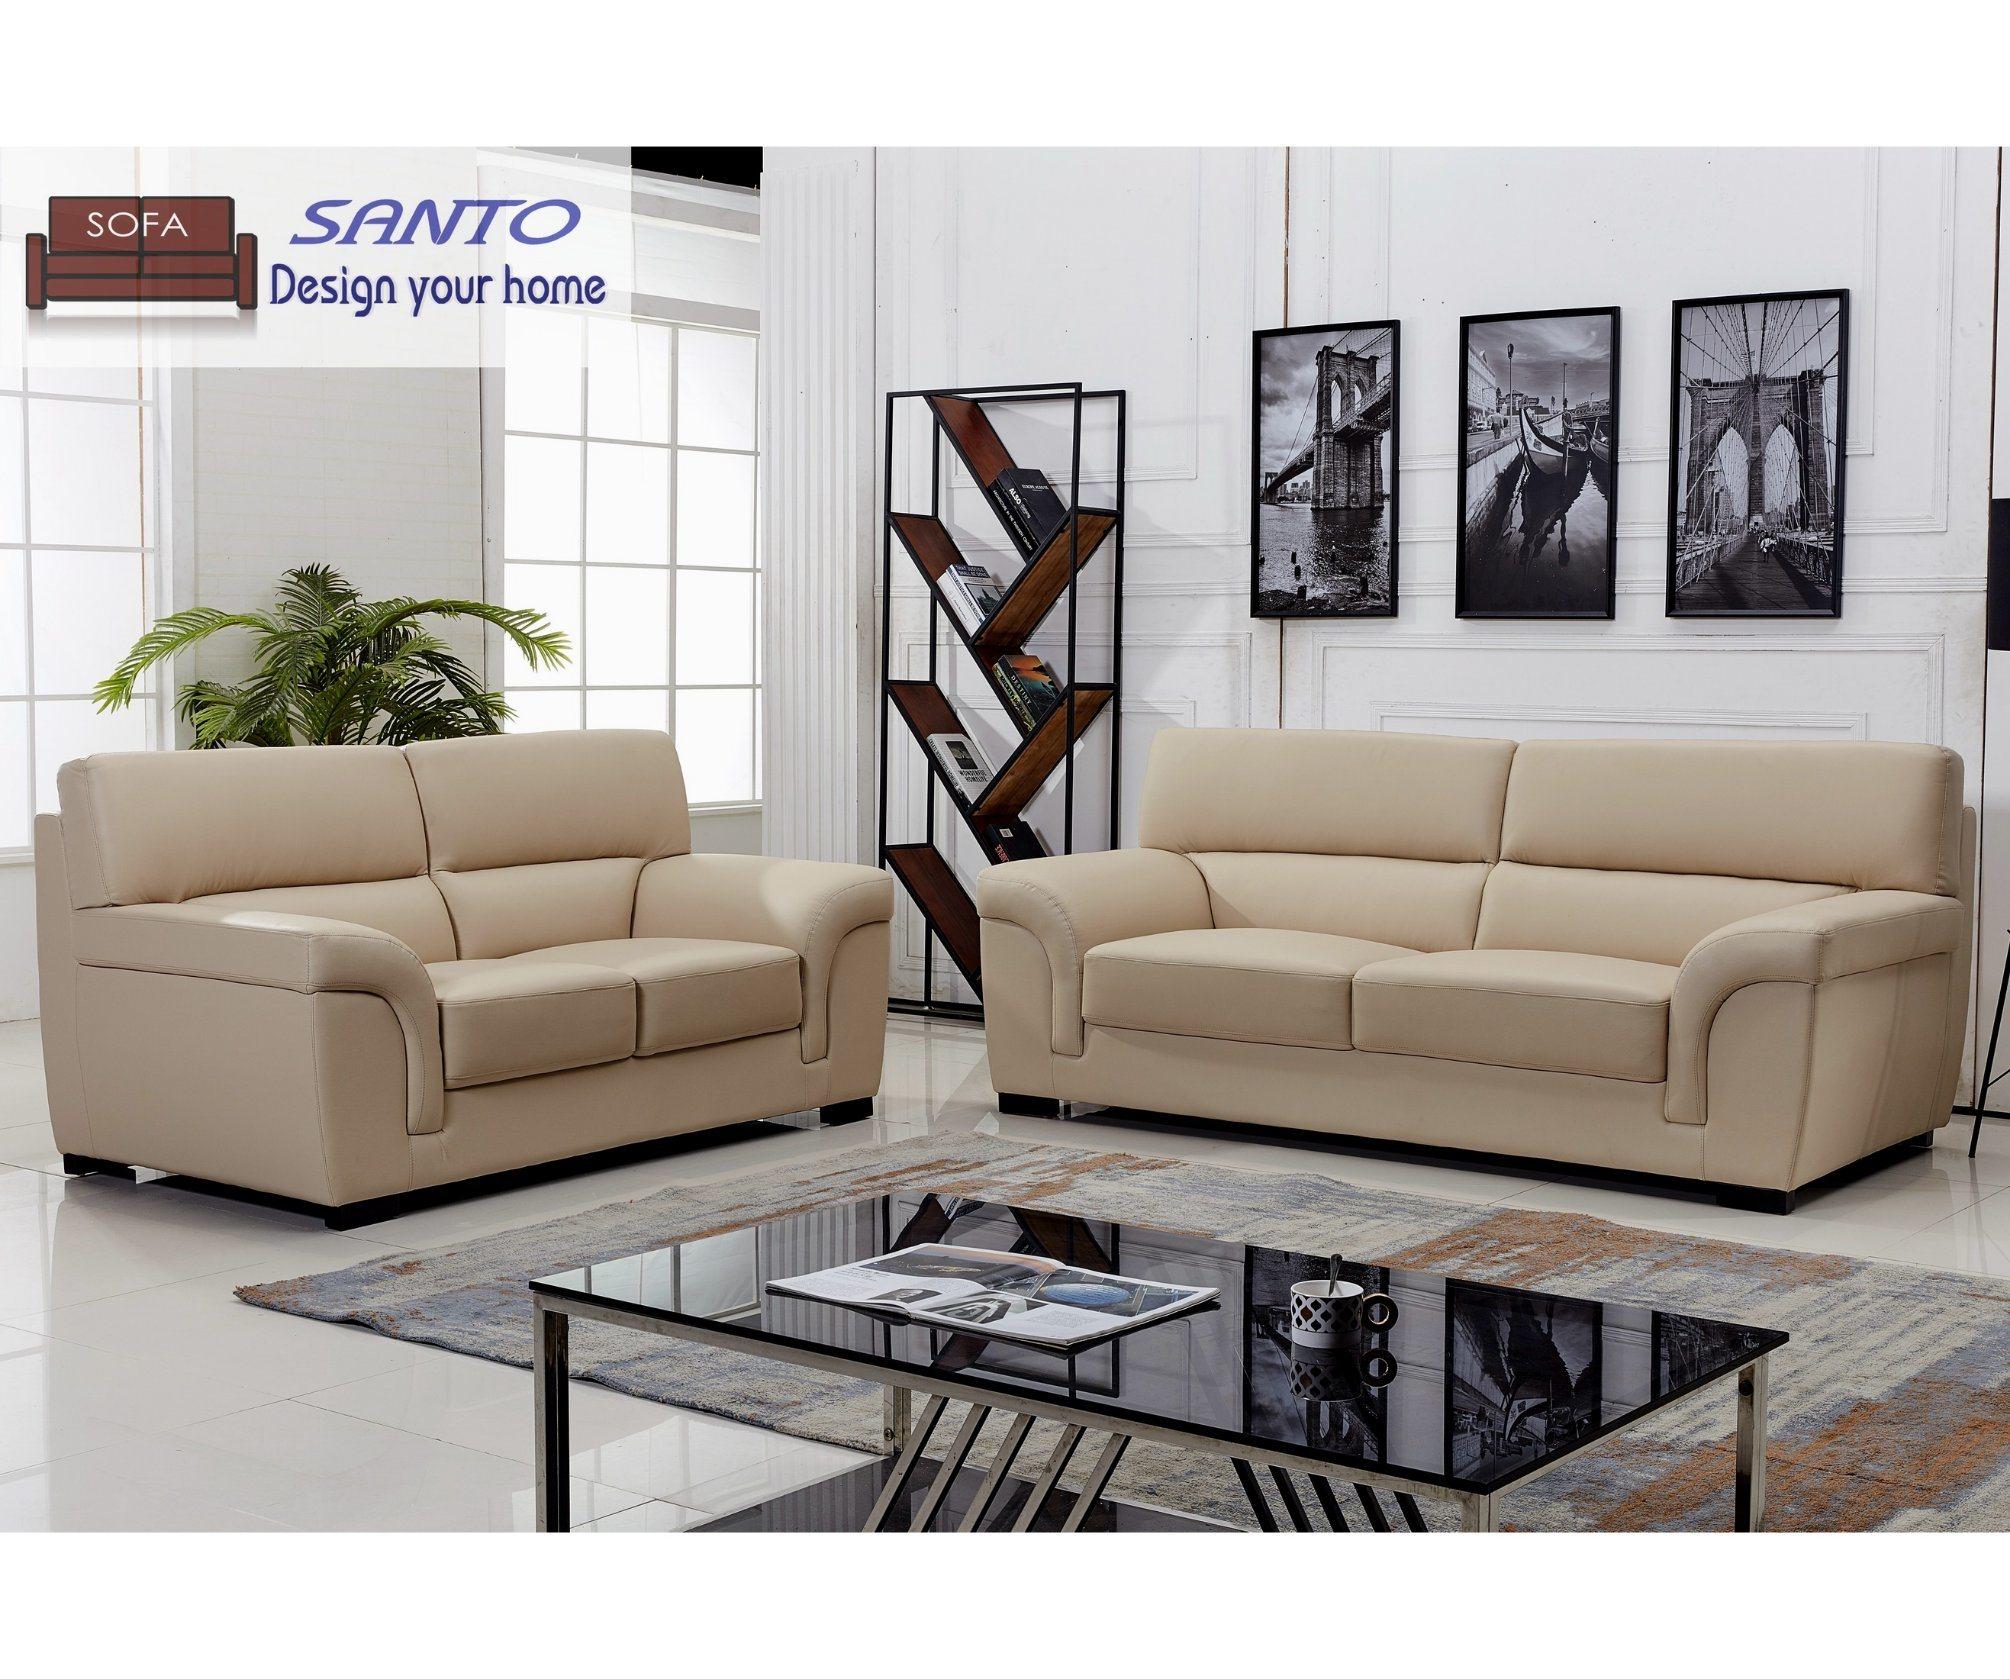 China European Leather Sofa Good Quality Beige Color China Sofa Set 7 Seater Single Seat Leather Sofa